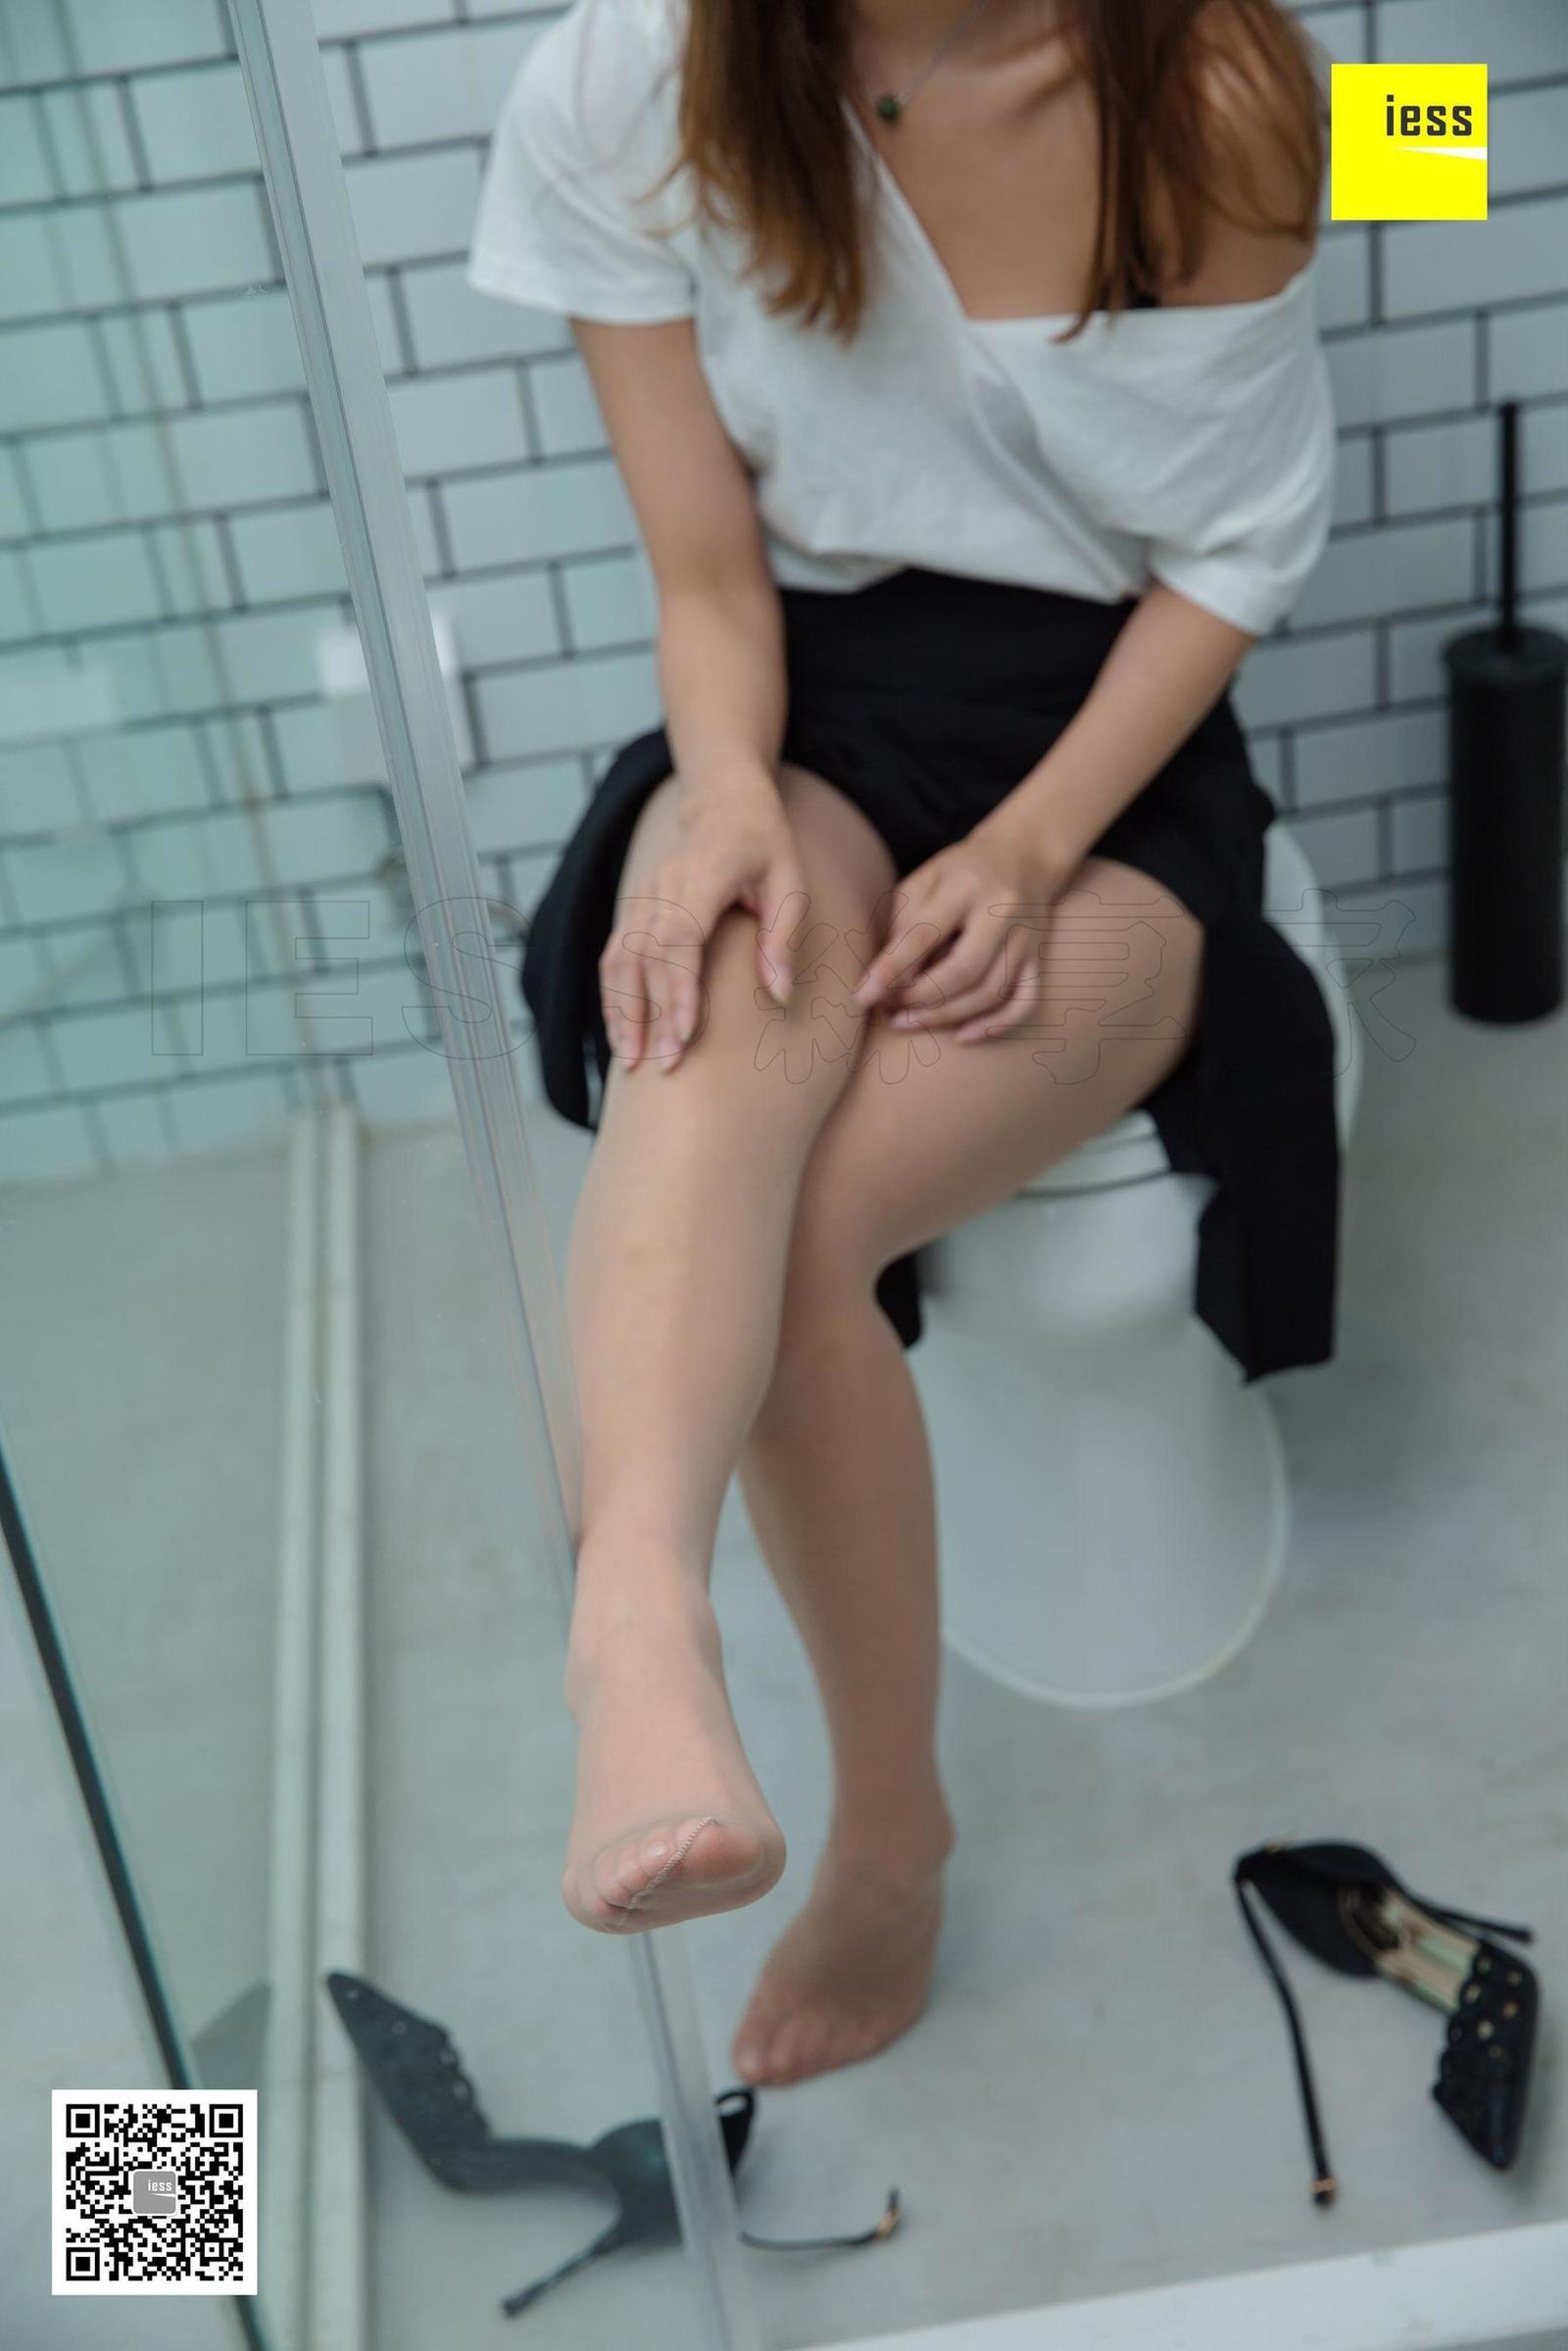 秋秋 《秋秋的浴室之旅》写真套图